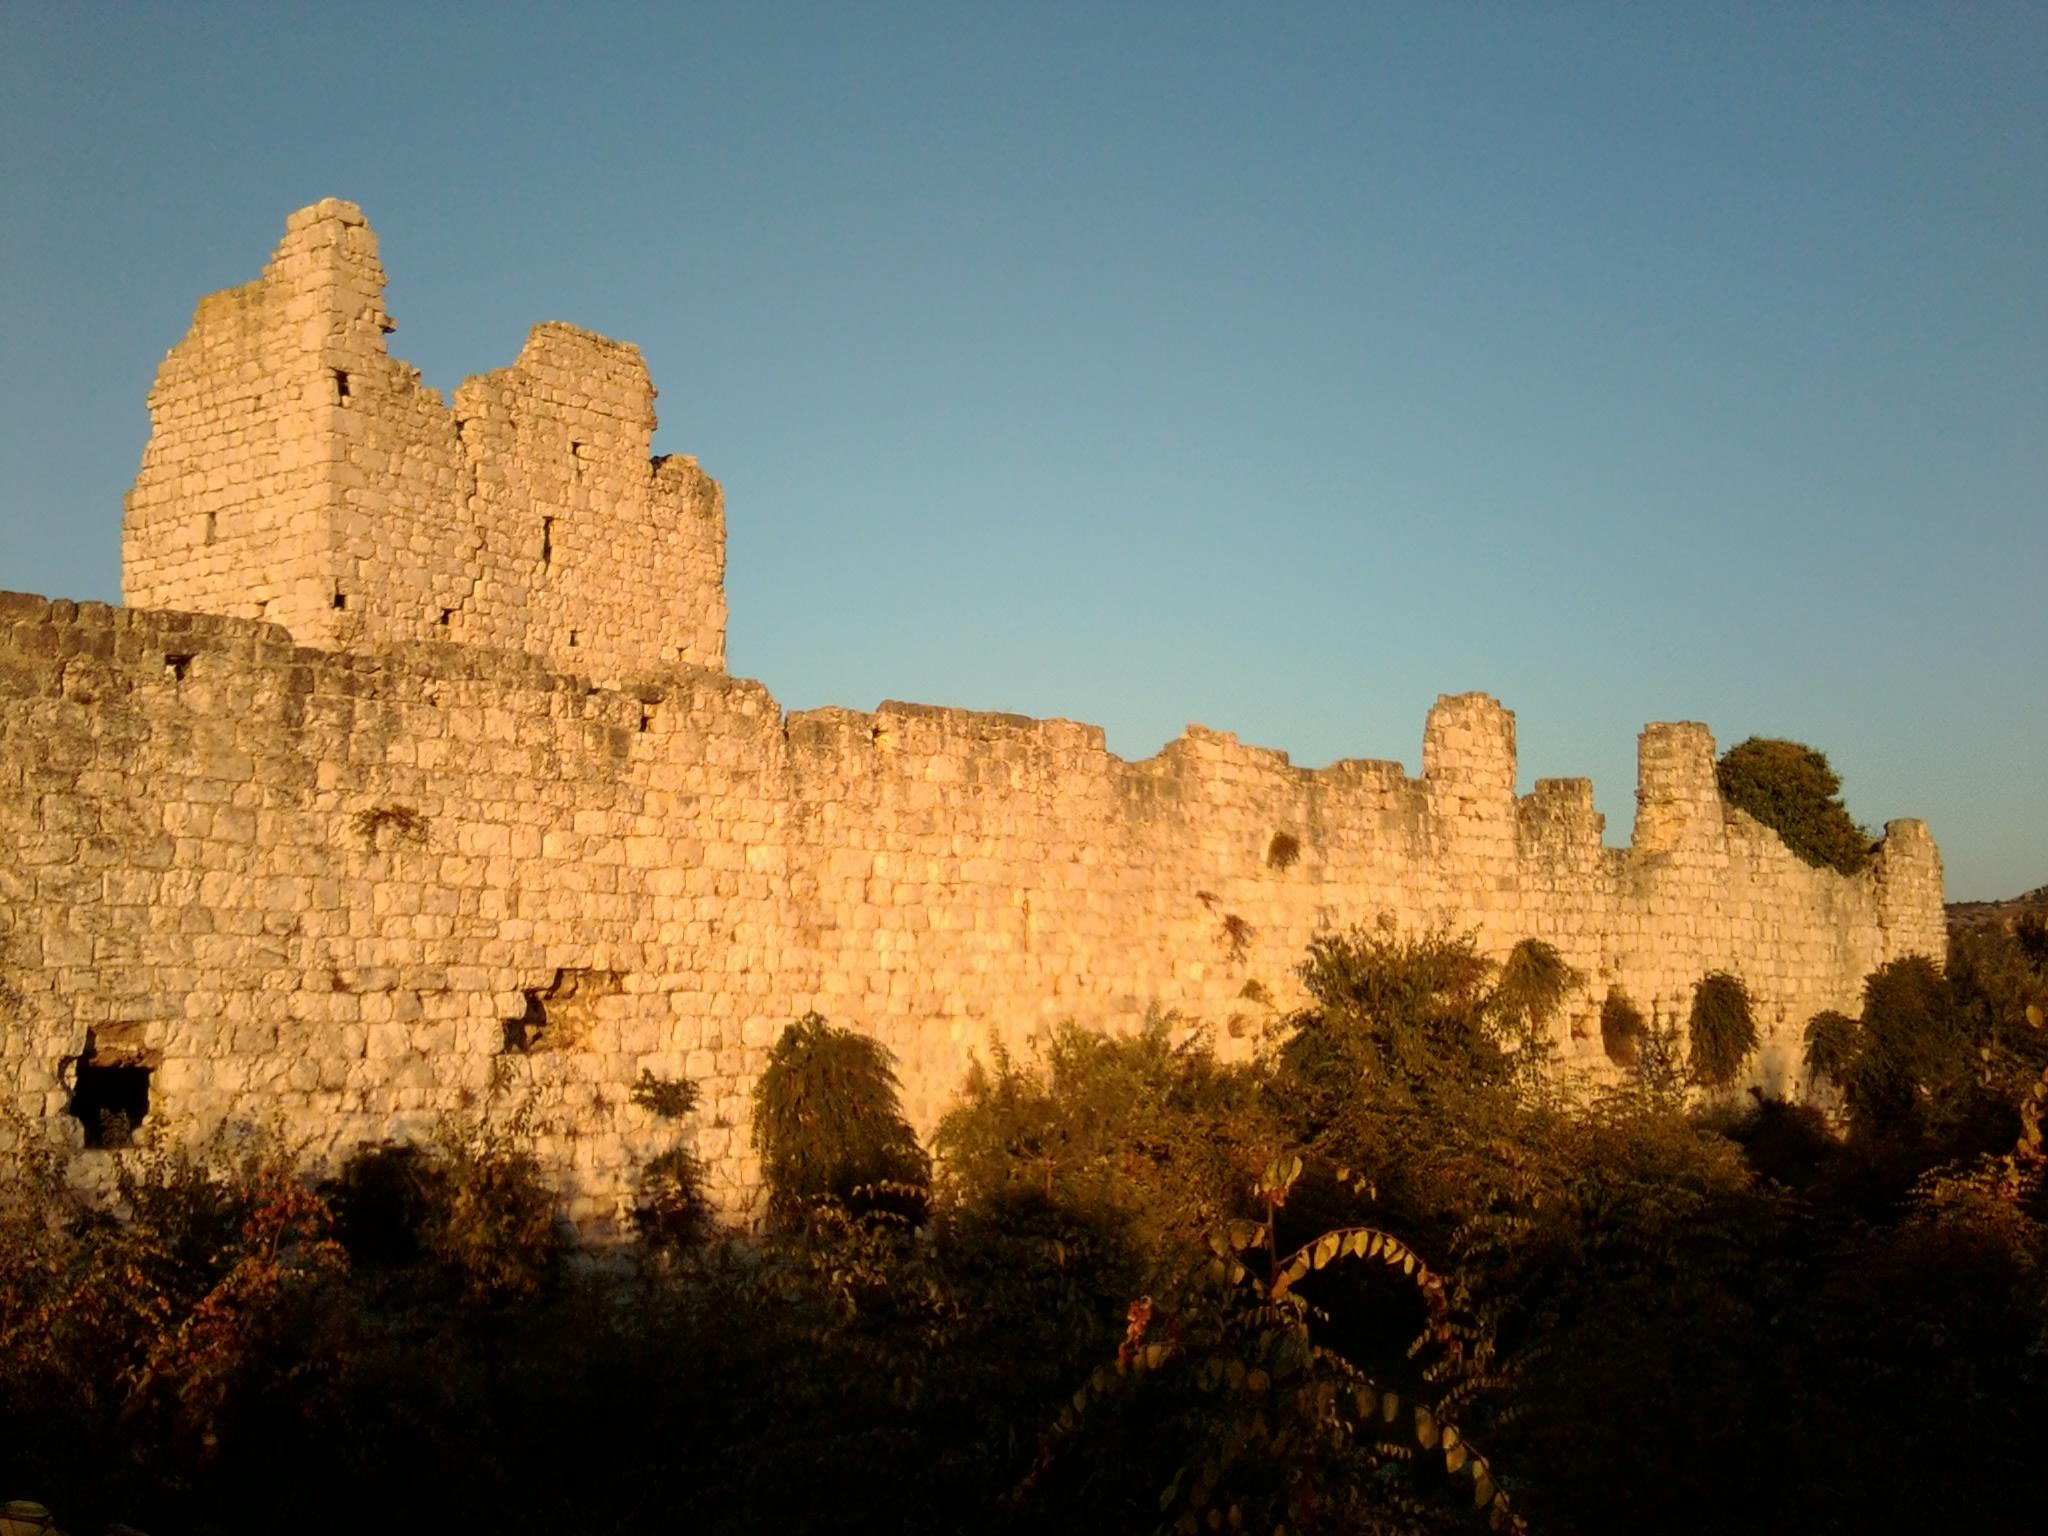 Vrána várának falai és tornya